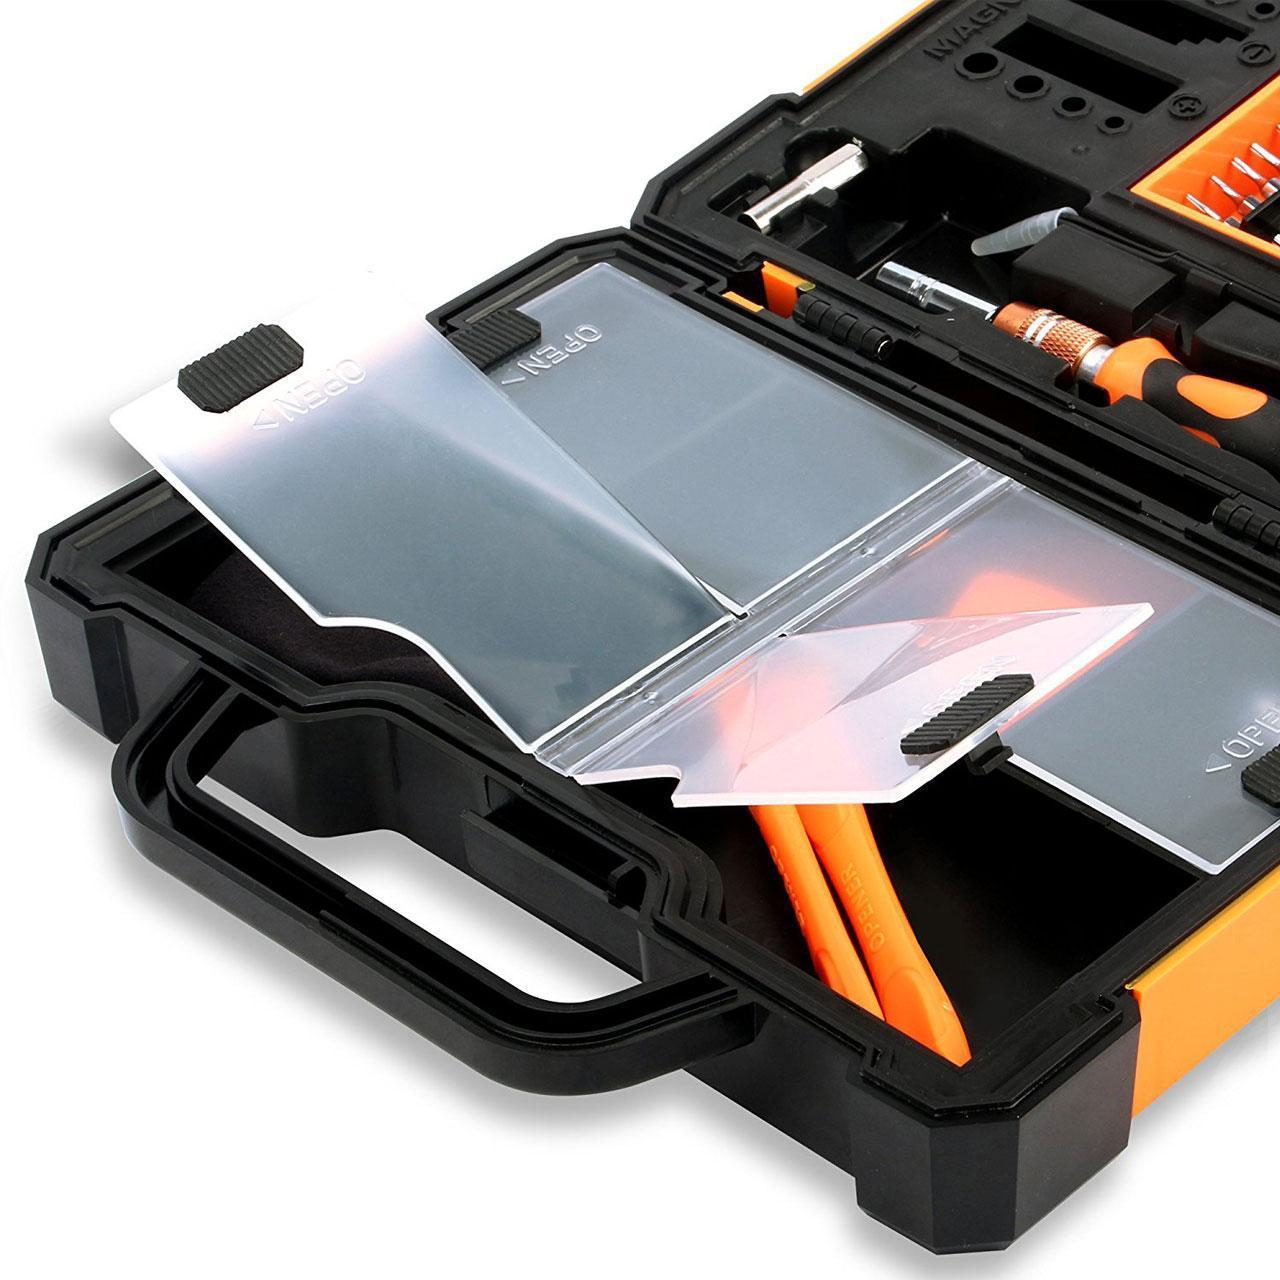 ست پیچ گوشتی ابزار تعمیر موبایل ، لپ تاپ و هارد